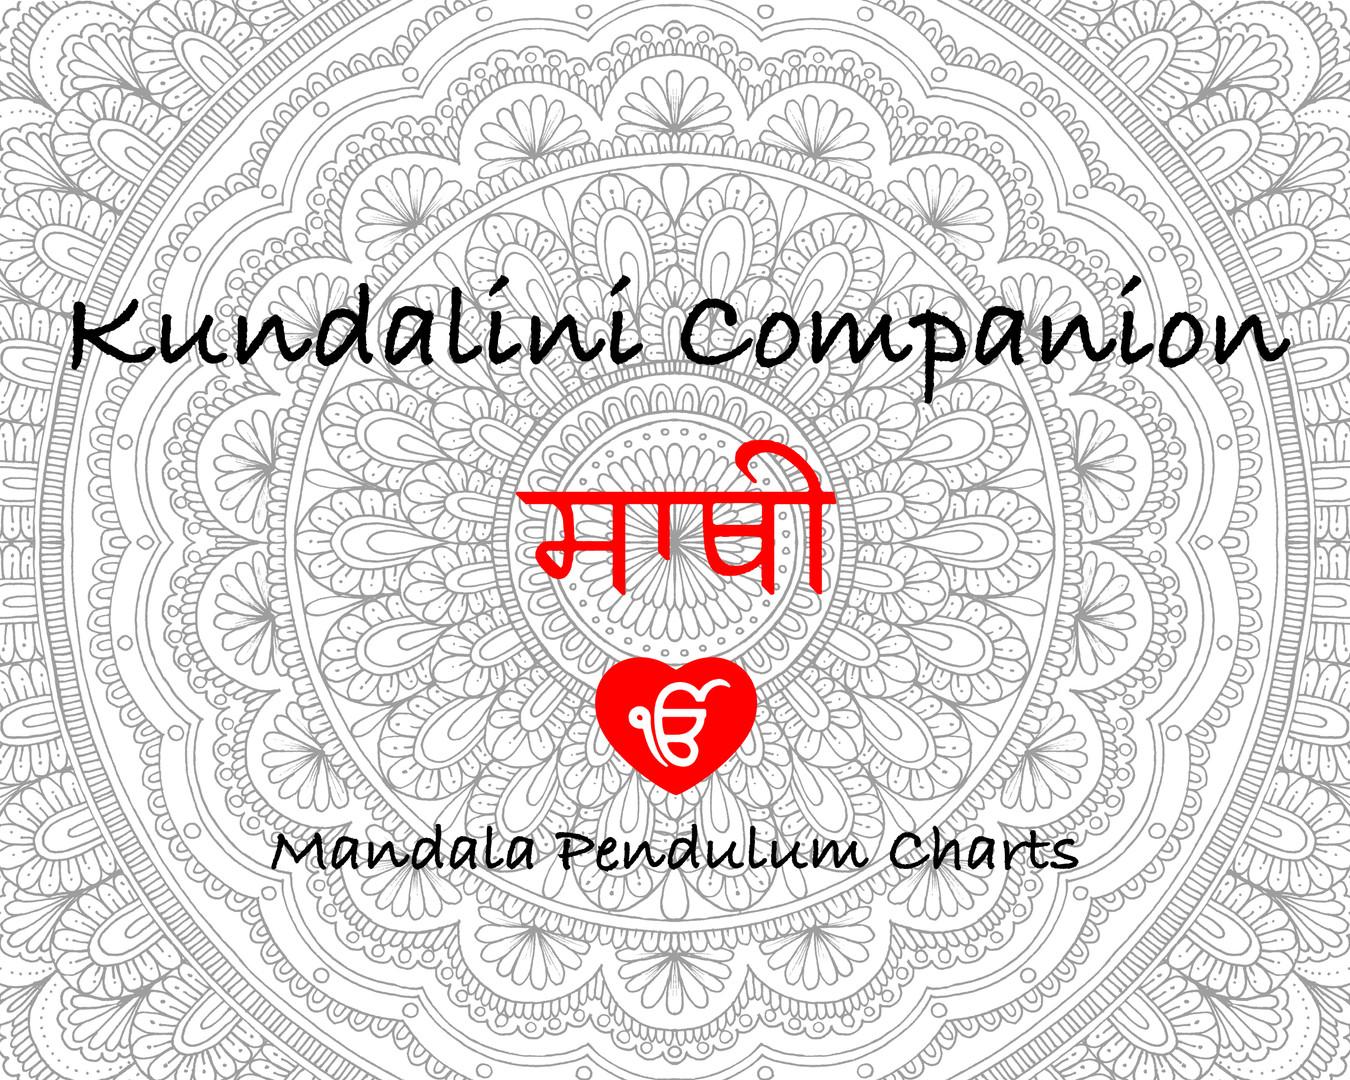 Kundilini Companion.jpg